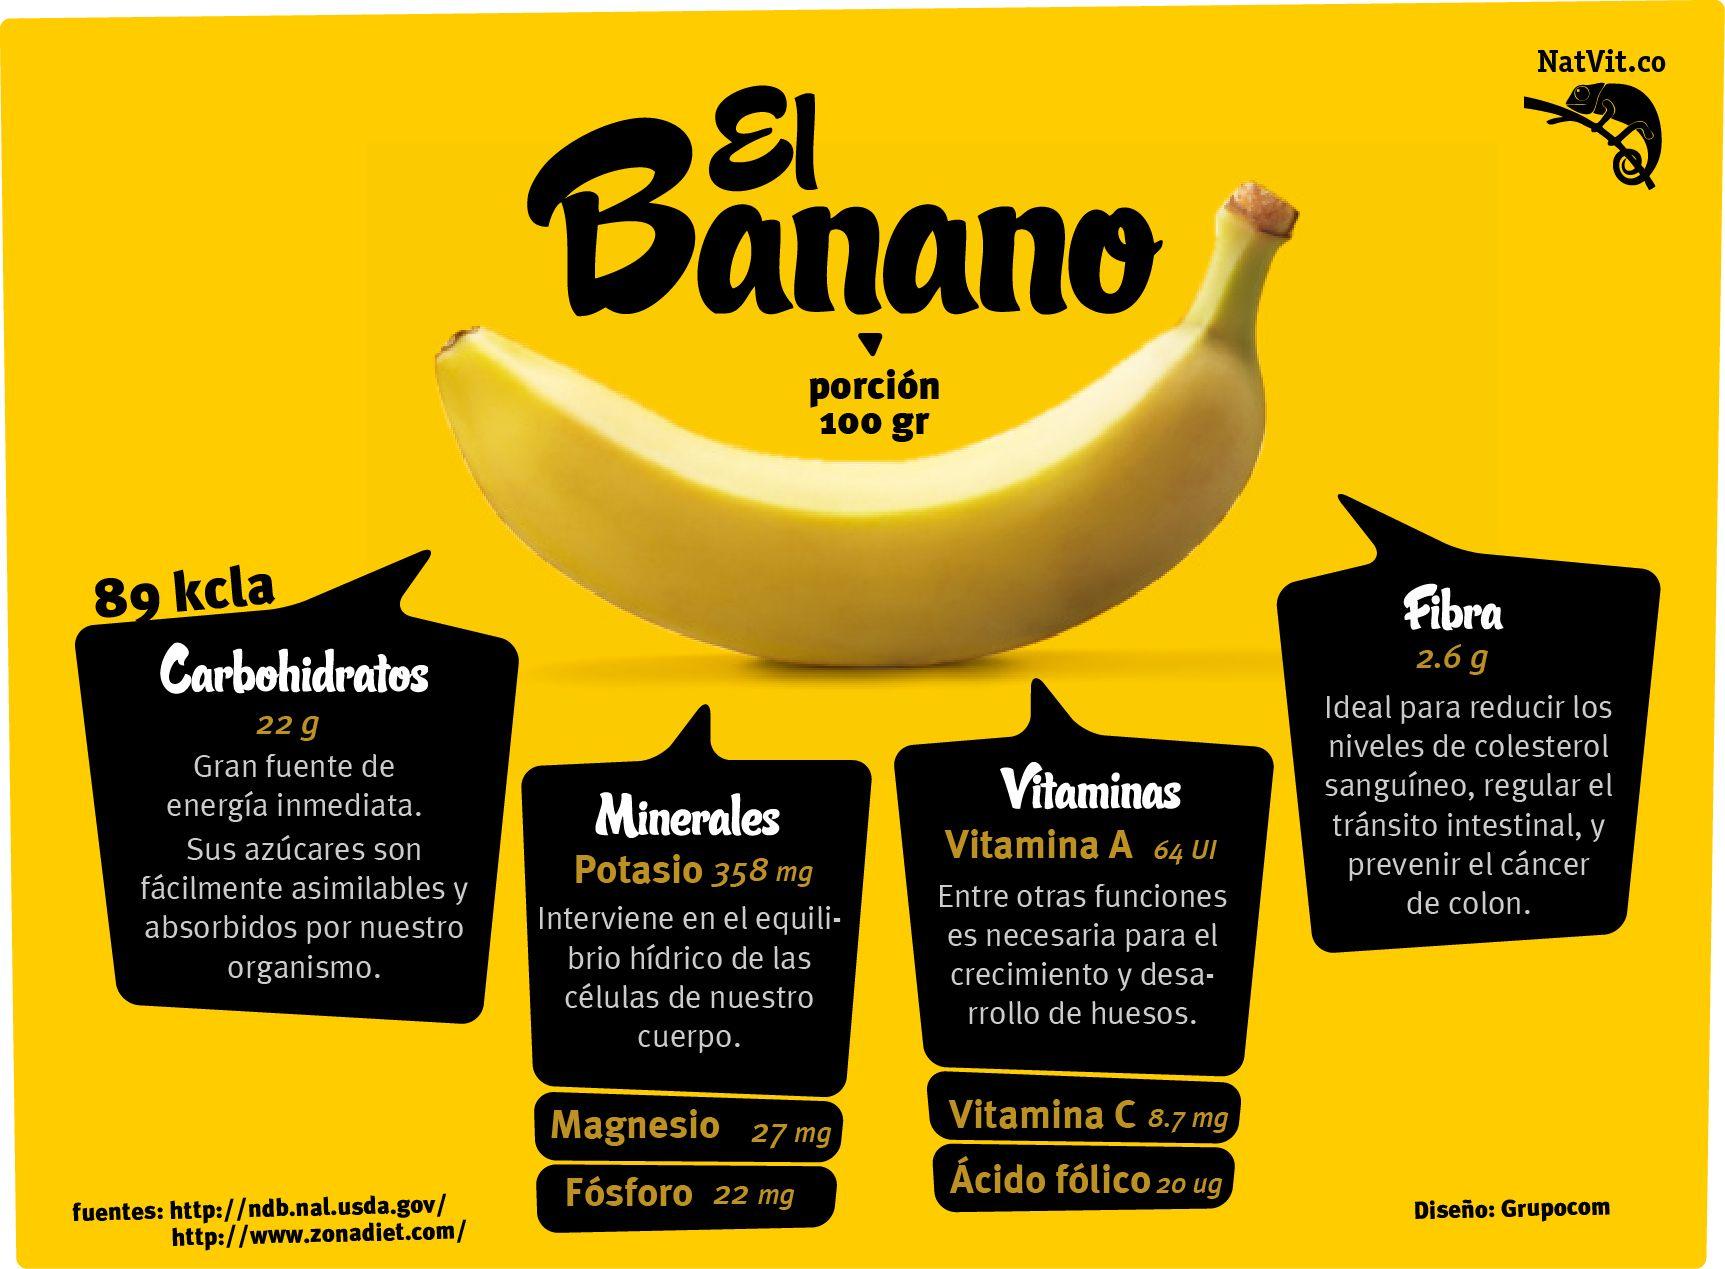 El banano contiene tres azúcares naturales: sacarosa